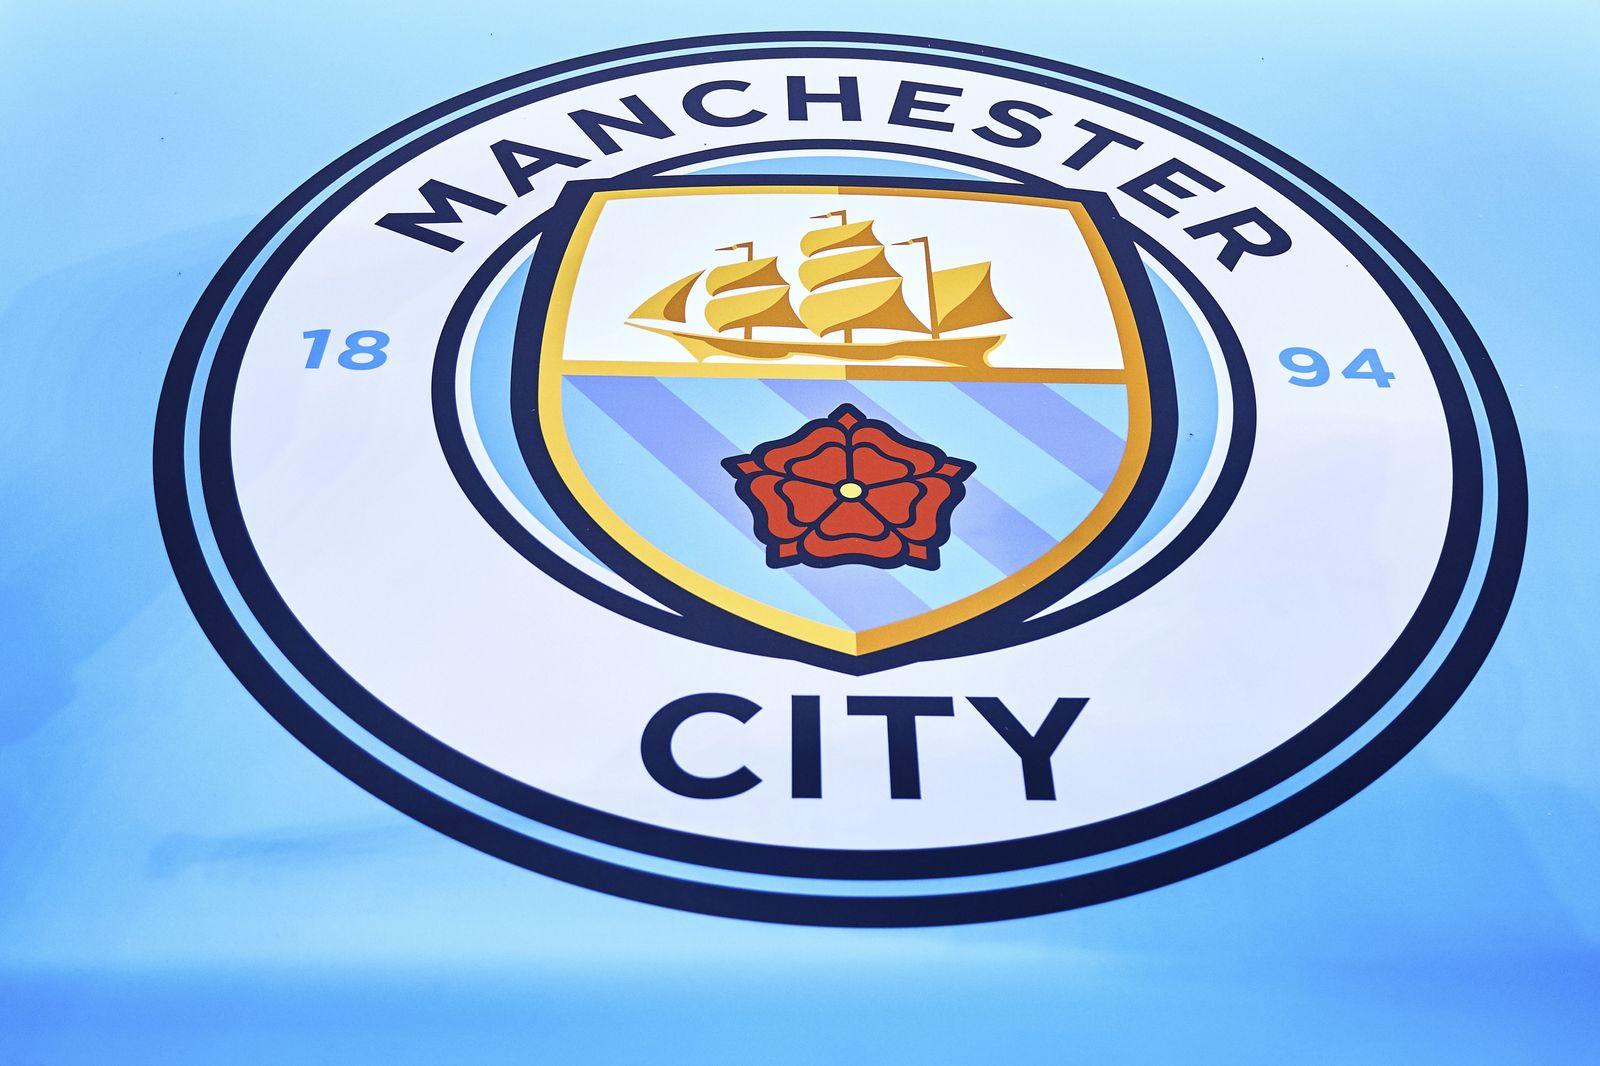 Manchester City entgeht Transfersperre nach Verpflichtung Minderjähriger -  DER SPIEGEL